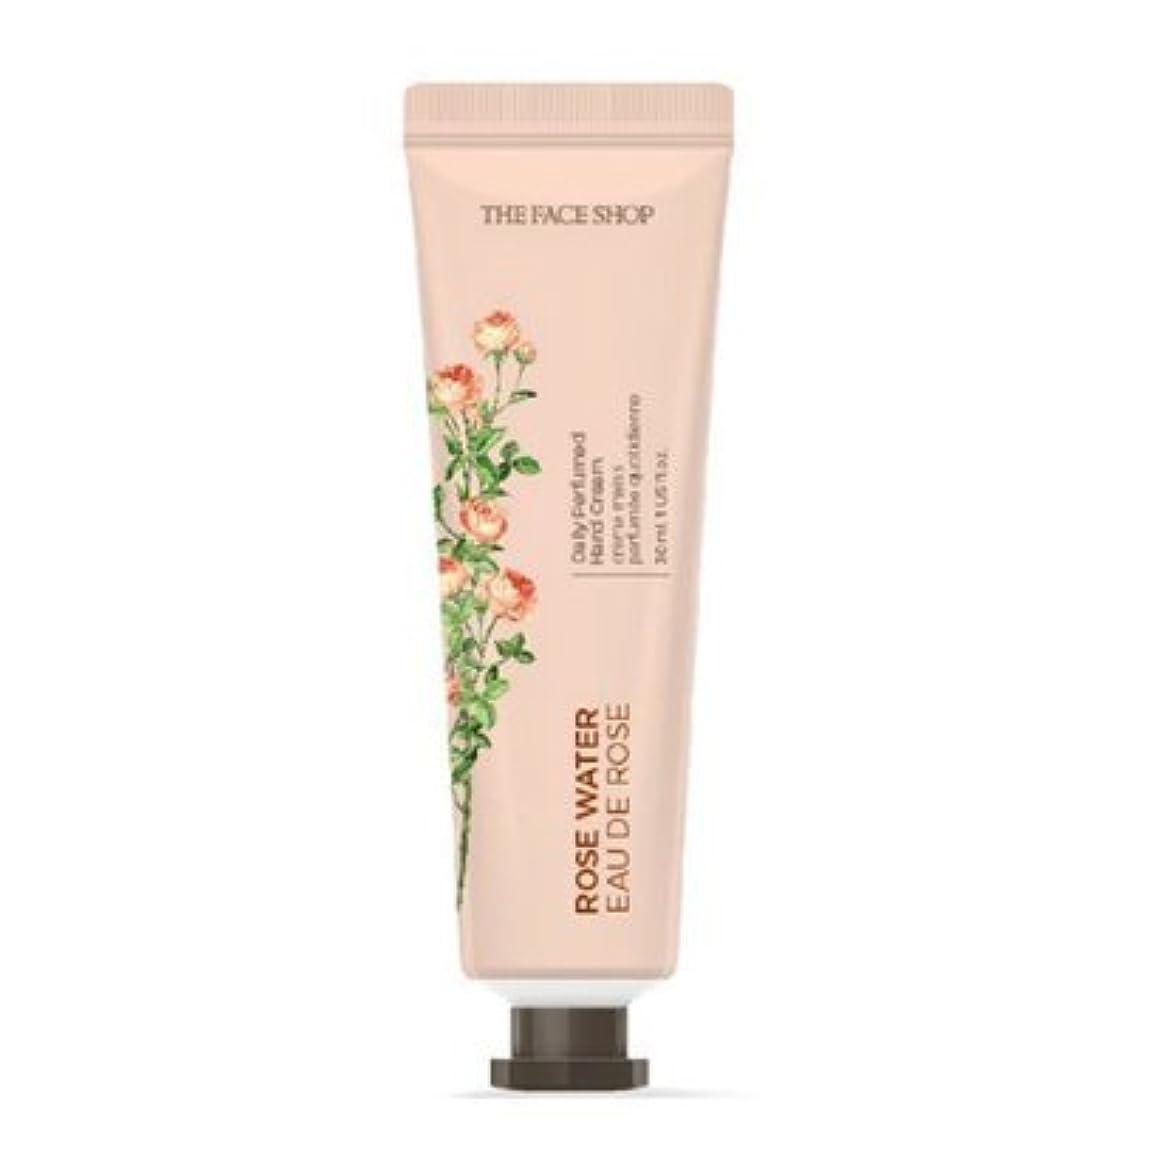 証書とても水族館[1+1] THE FACE SHOP Daily Perfume Hand Cream [01.Rose Water] ザフェイスショップ デイリーパフュームハンドクリーム [01.ローズウォーター] [new] [並行輸入品]